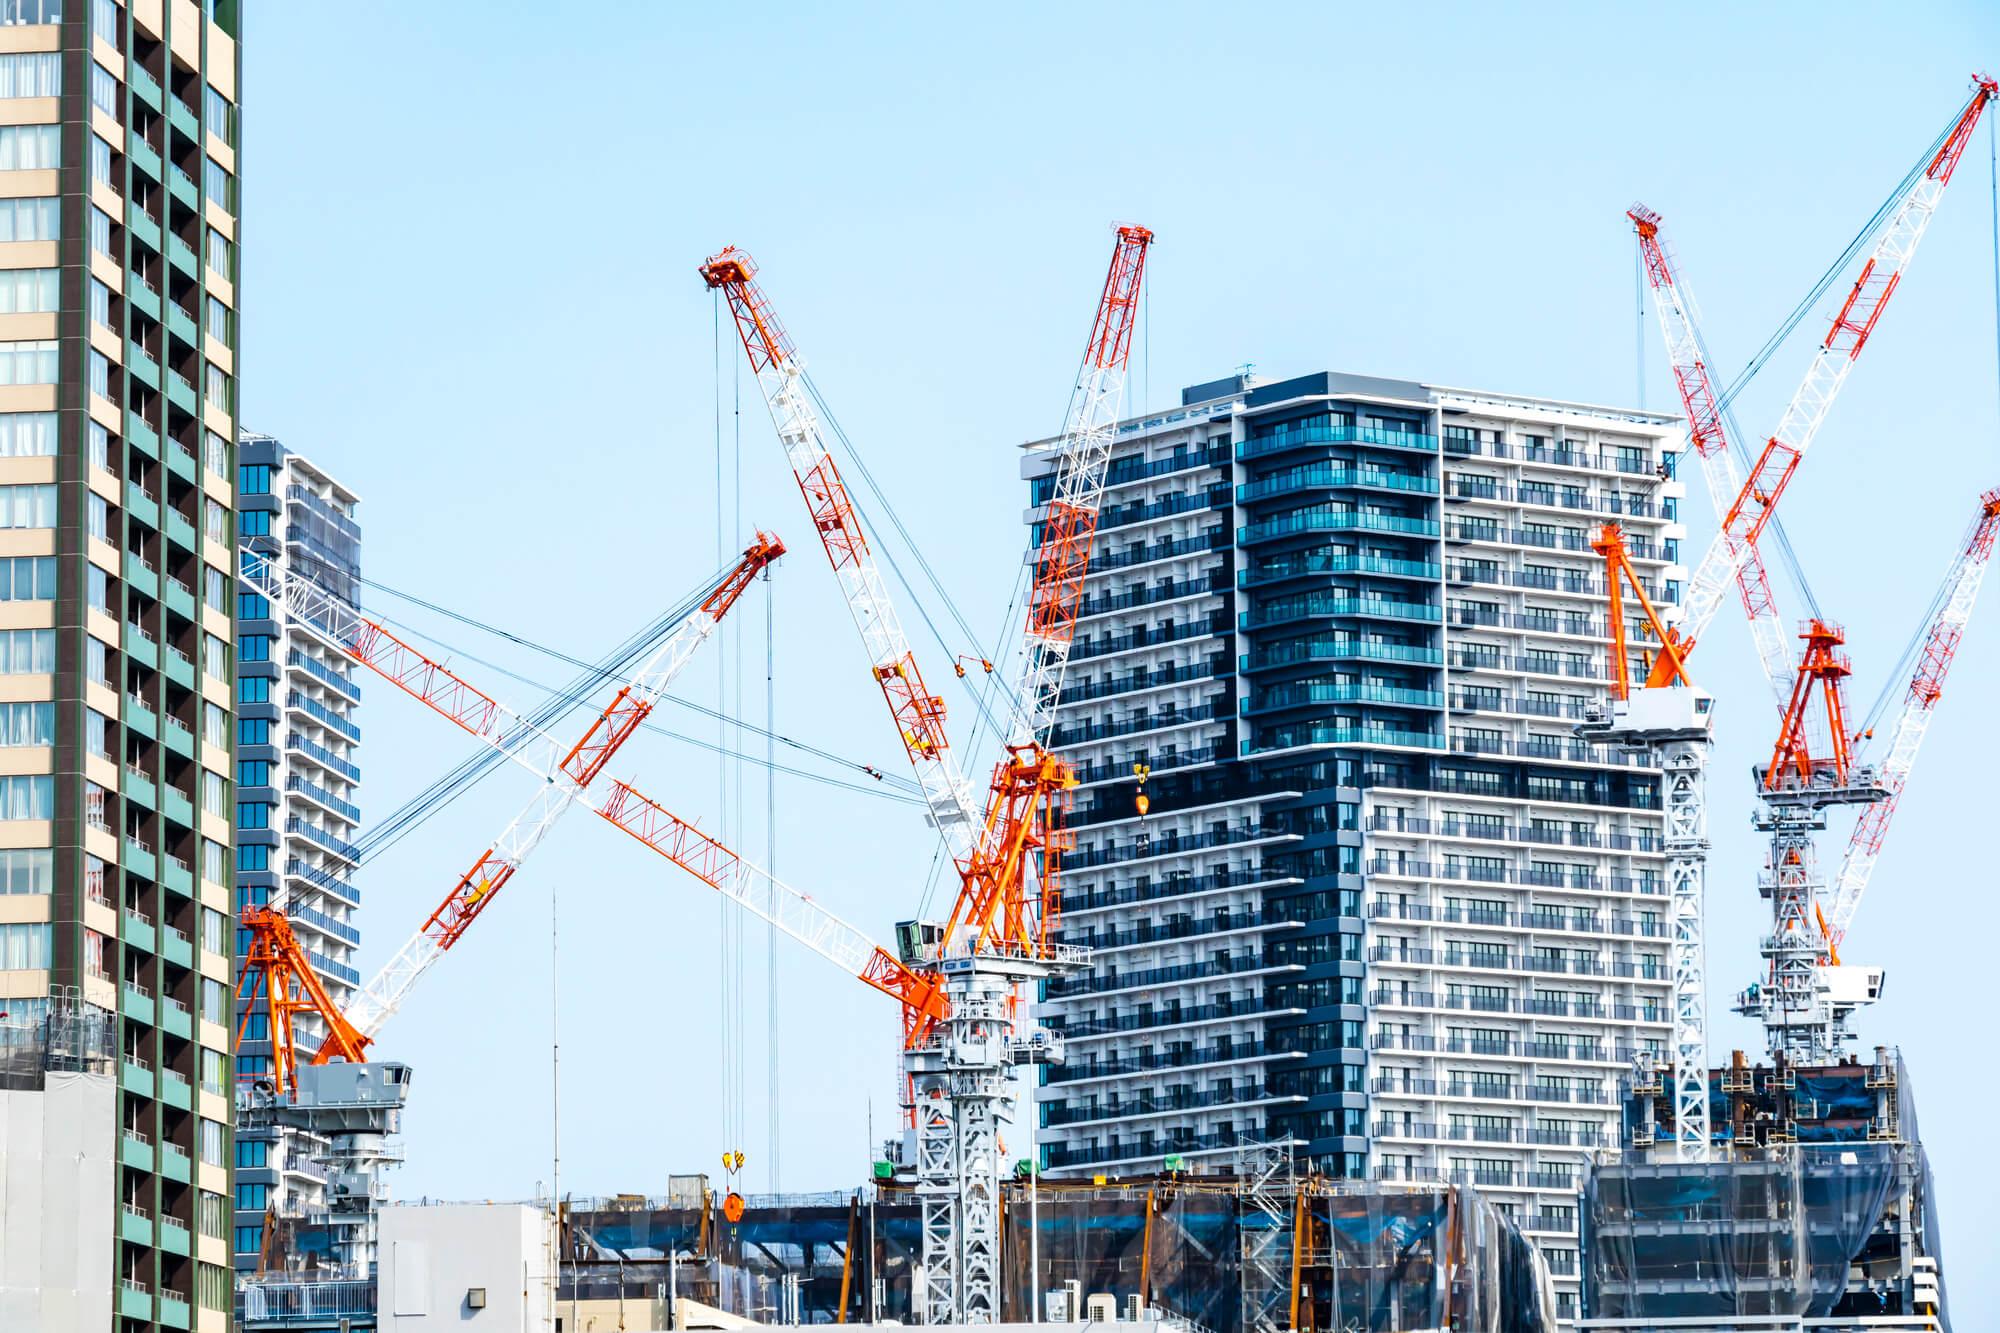 価格暴落のXデーは近い? タワーマンション所有者に迫る危機